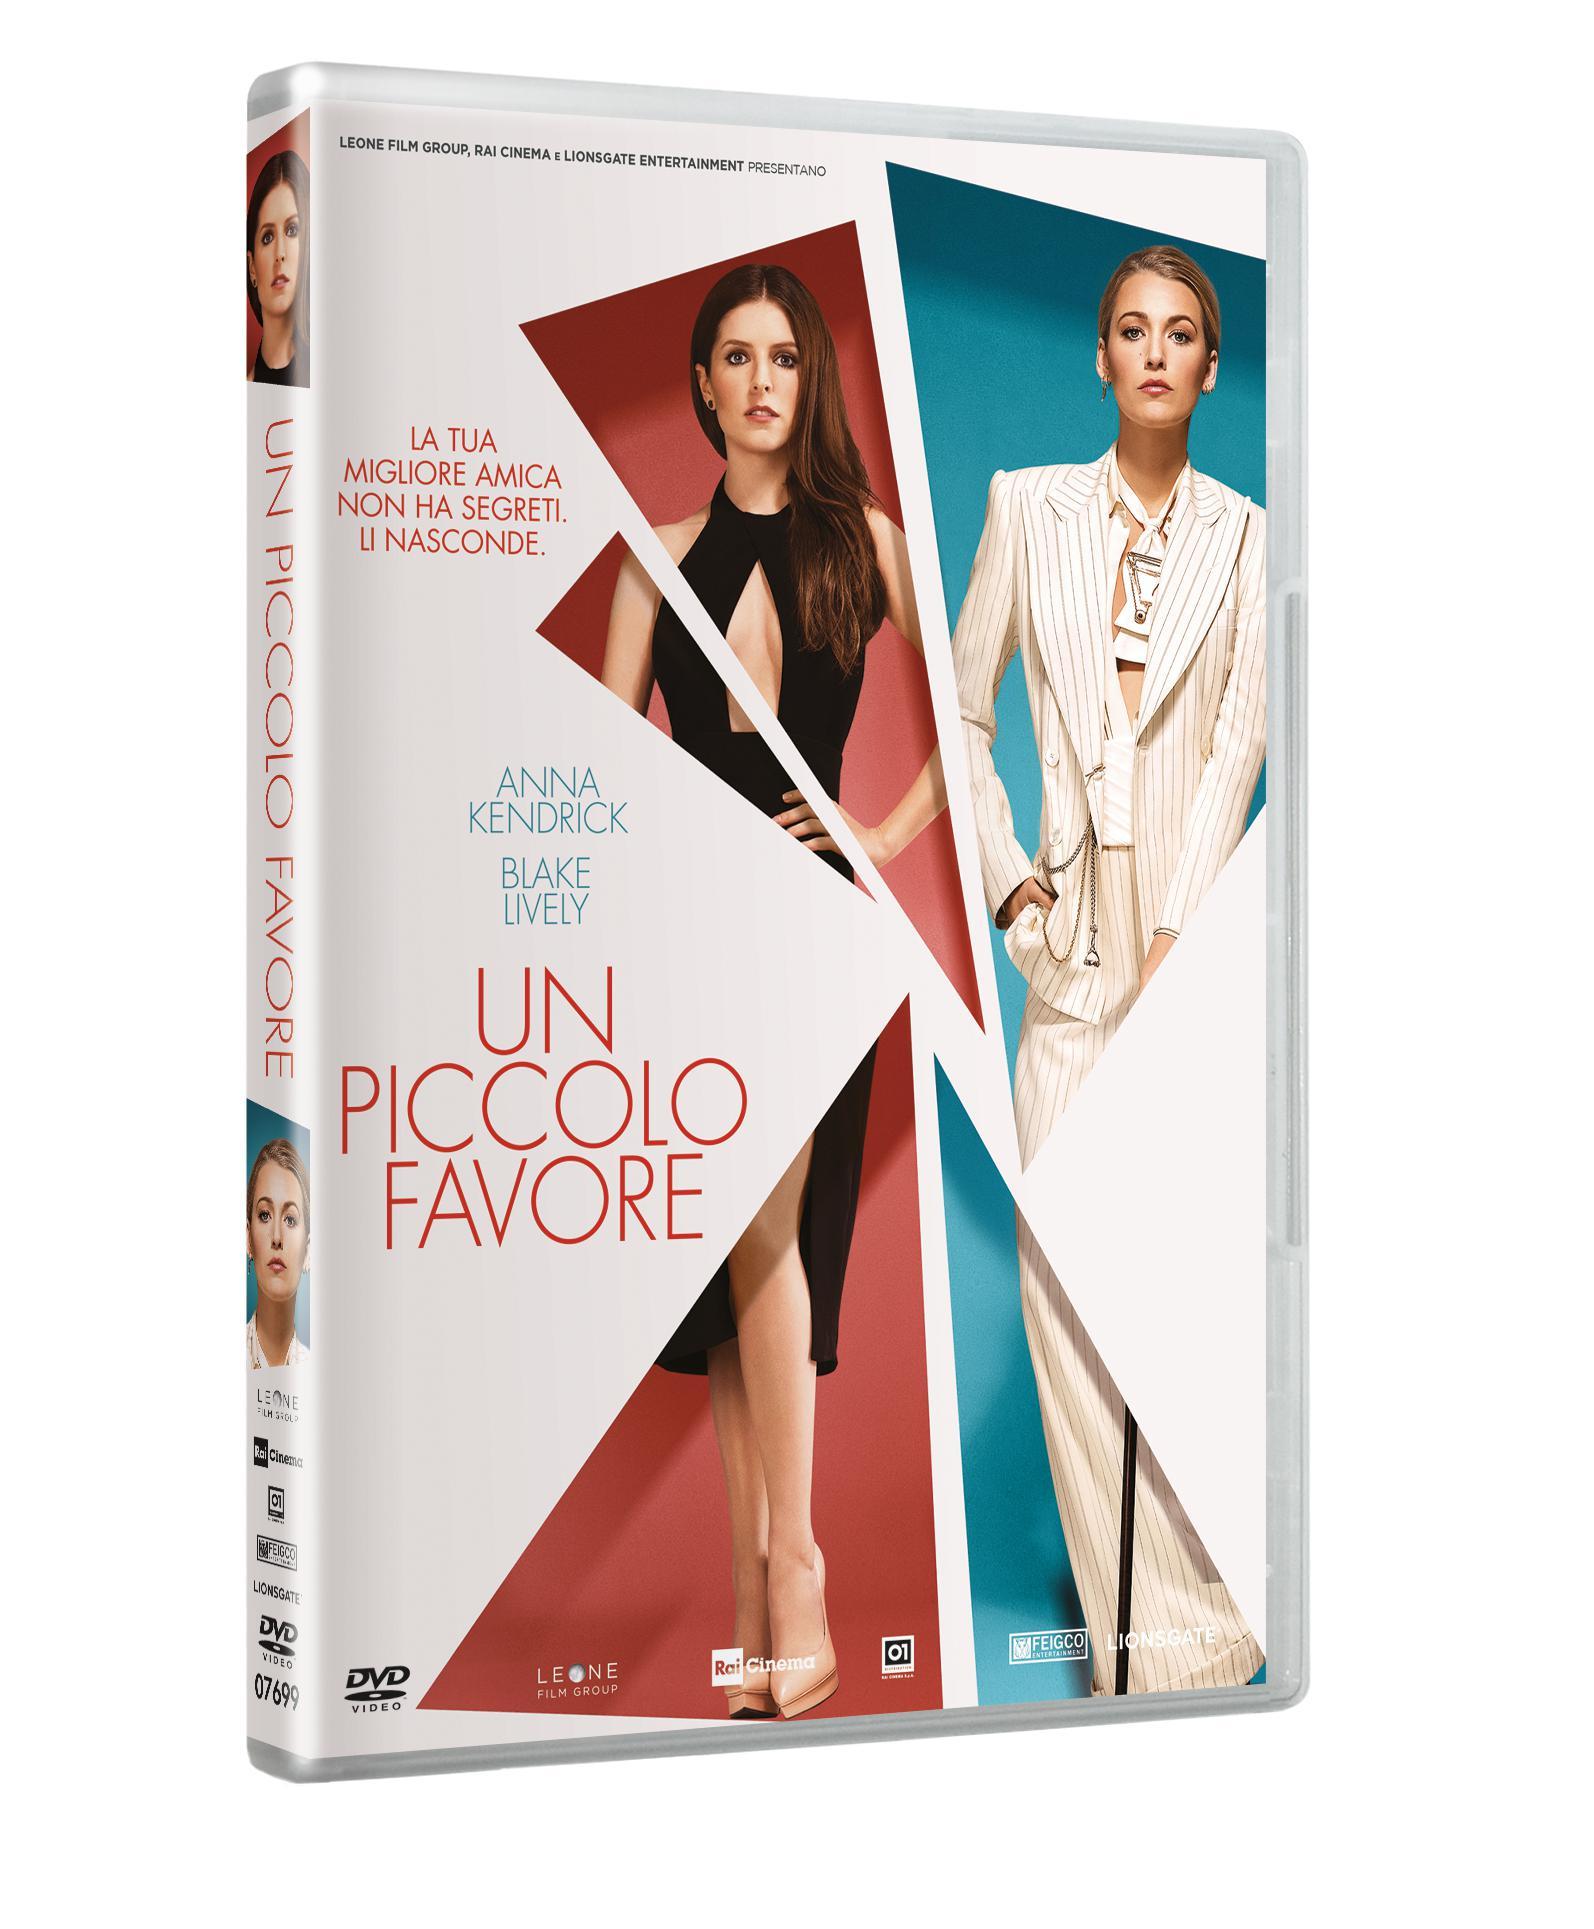 UN PICCOLO FAVORE (DVD)